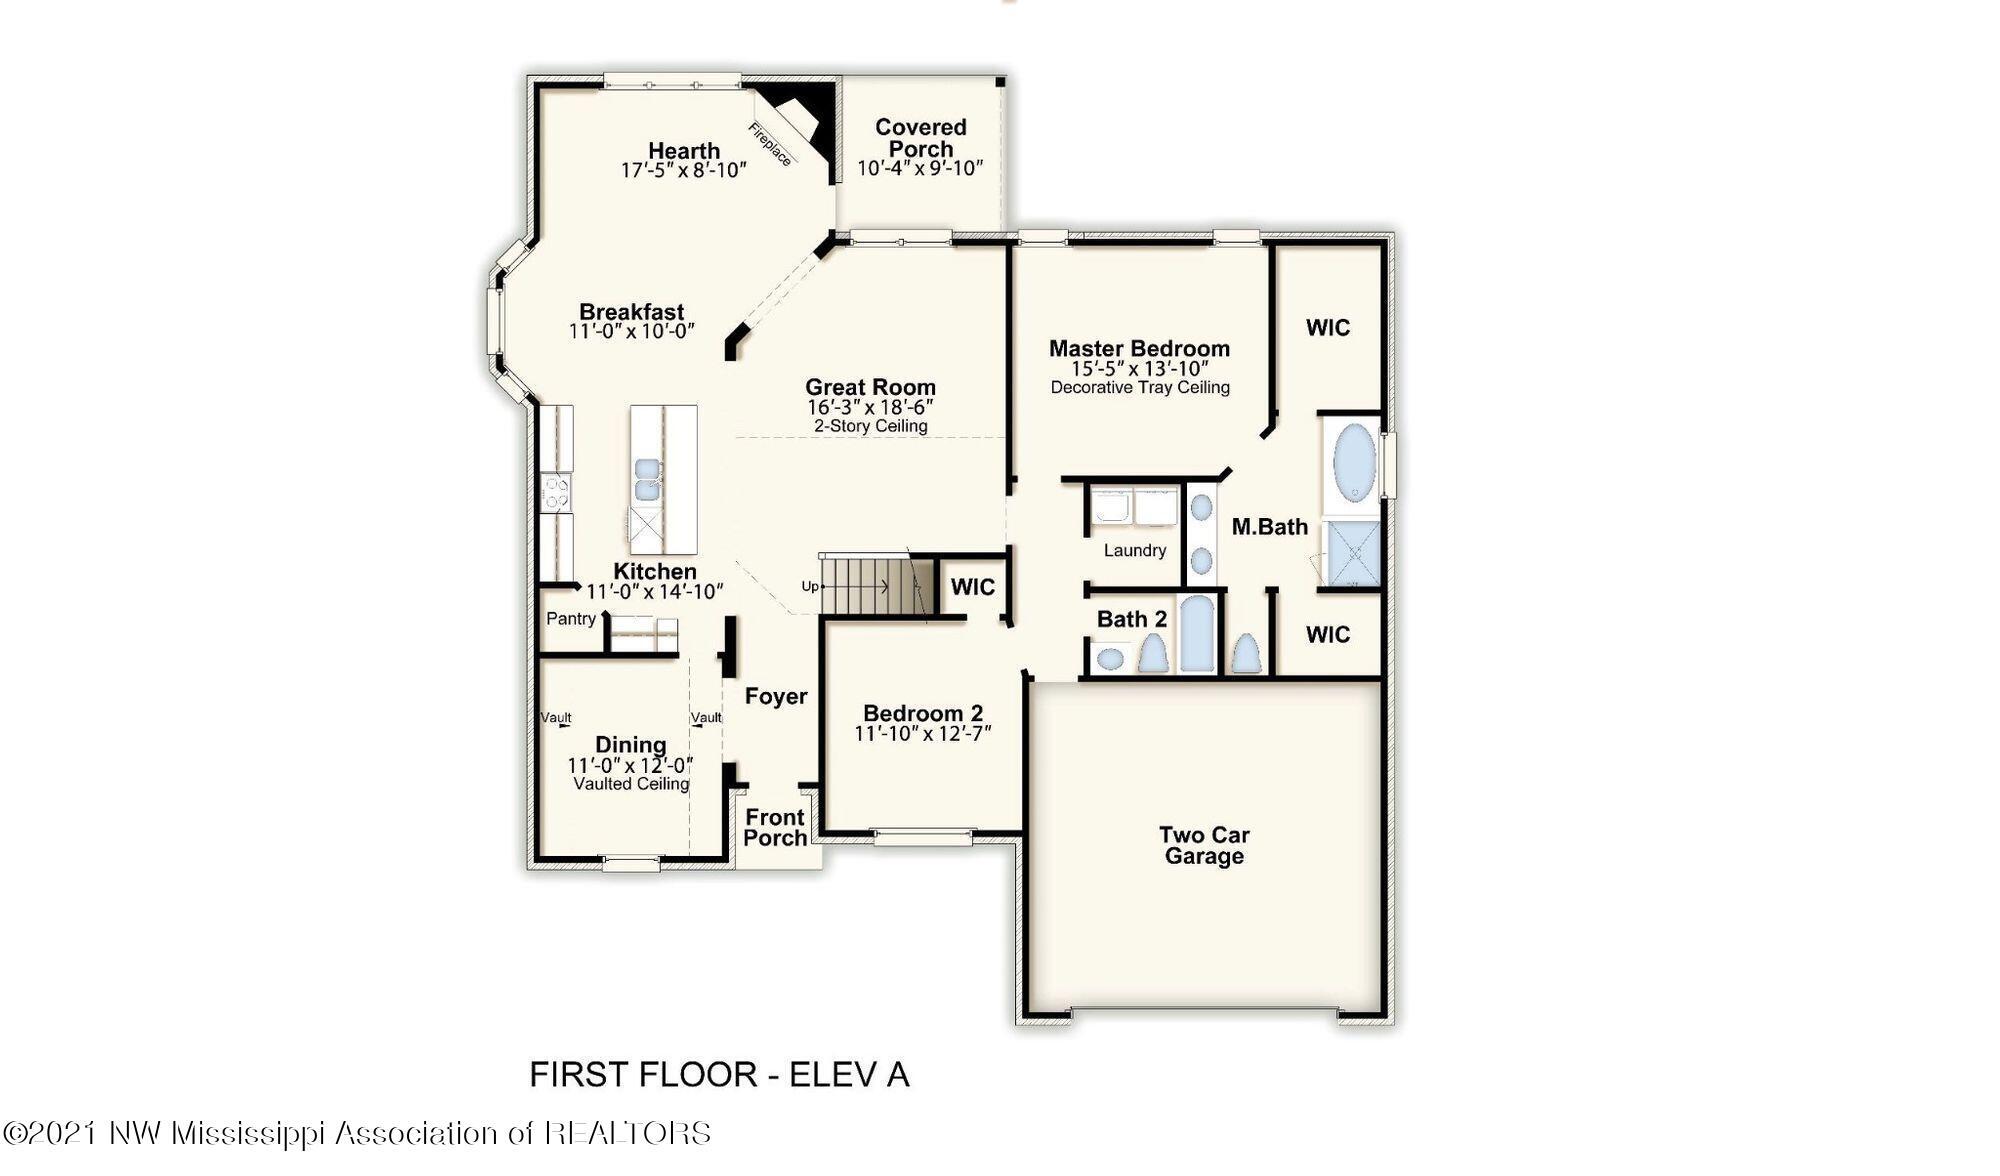 Chesapeake First Floor